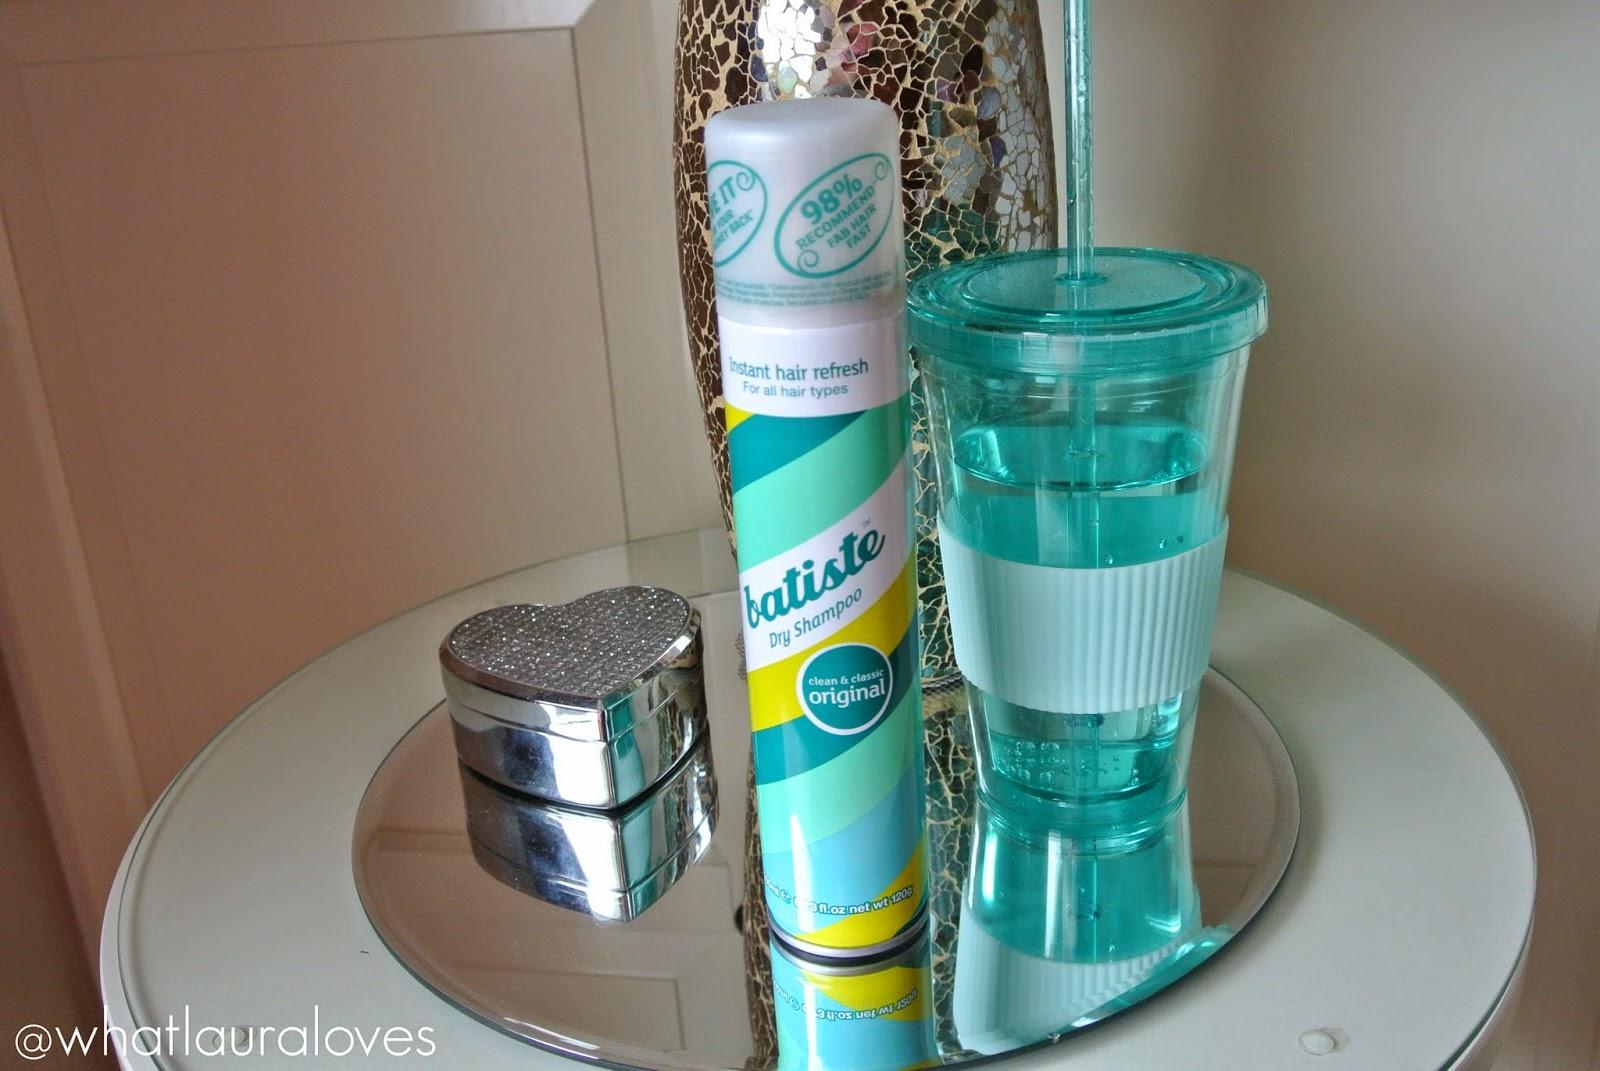 Batiste Original Dry Shampoo Review